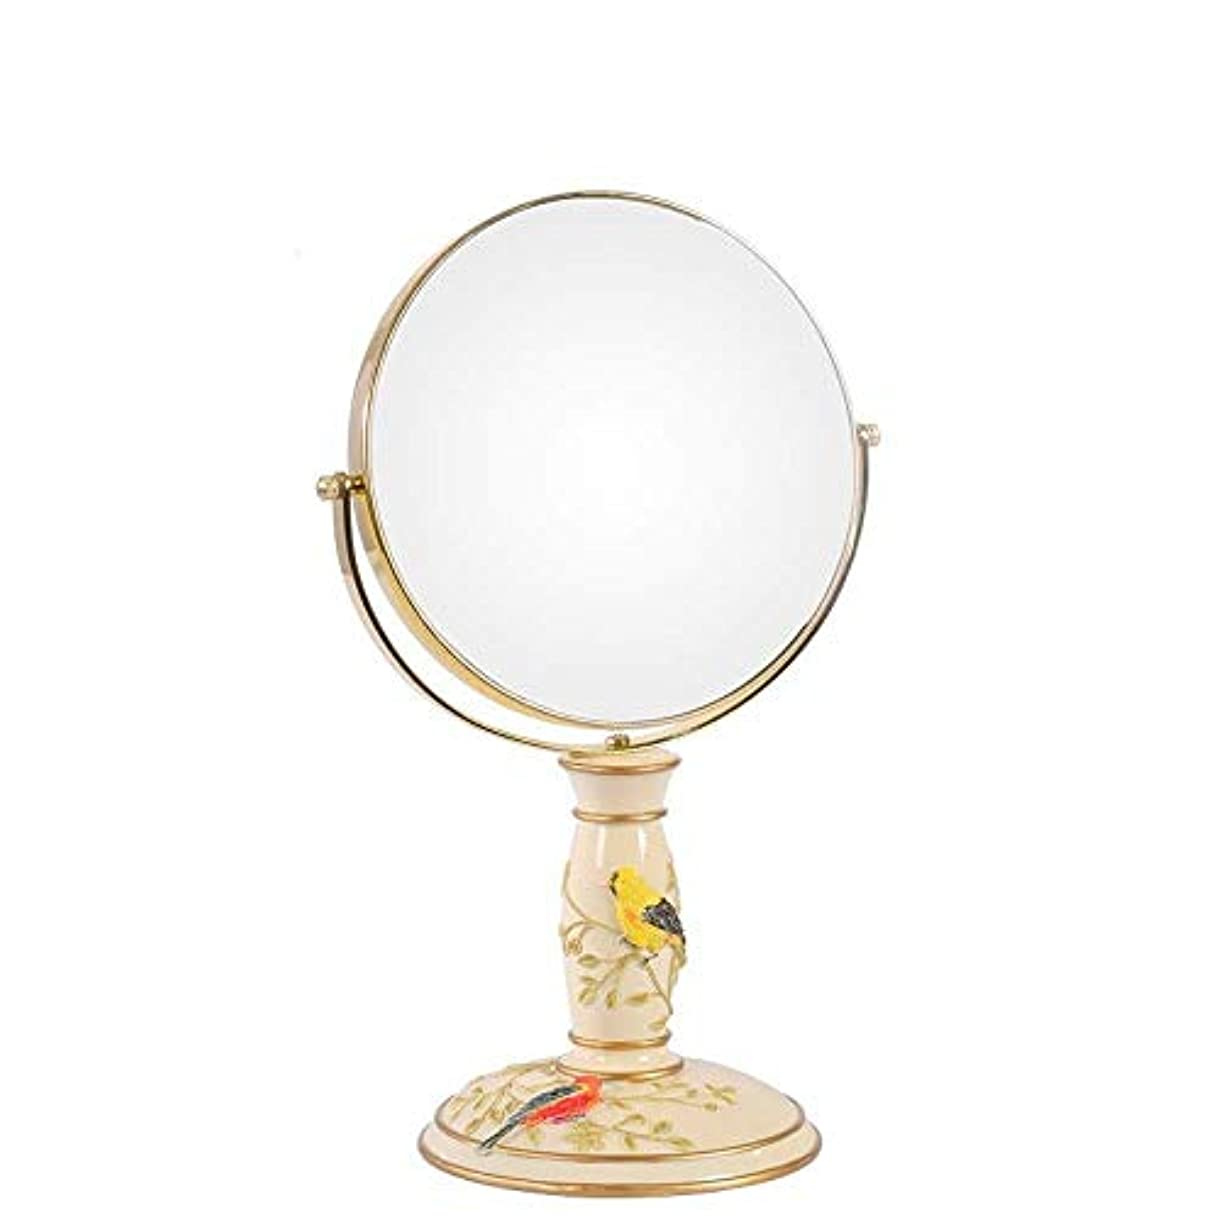 骨髄歩き回るファイアル流行の ビンテージ化粧鏡、鏡360°回転スタンド、倍率1倍、3倍、ラウンドダブル両面回転化粧鏡